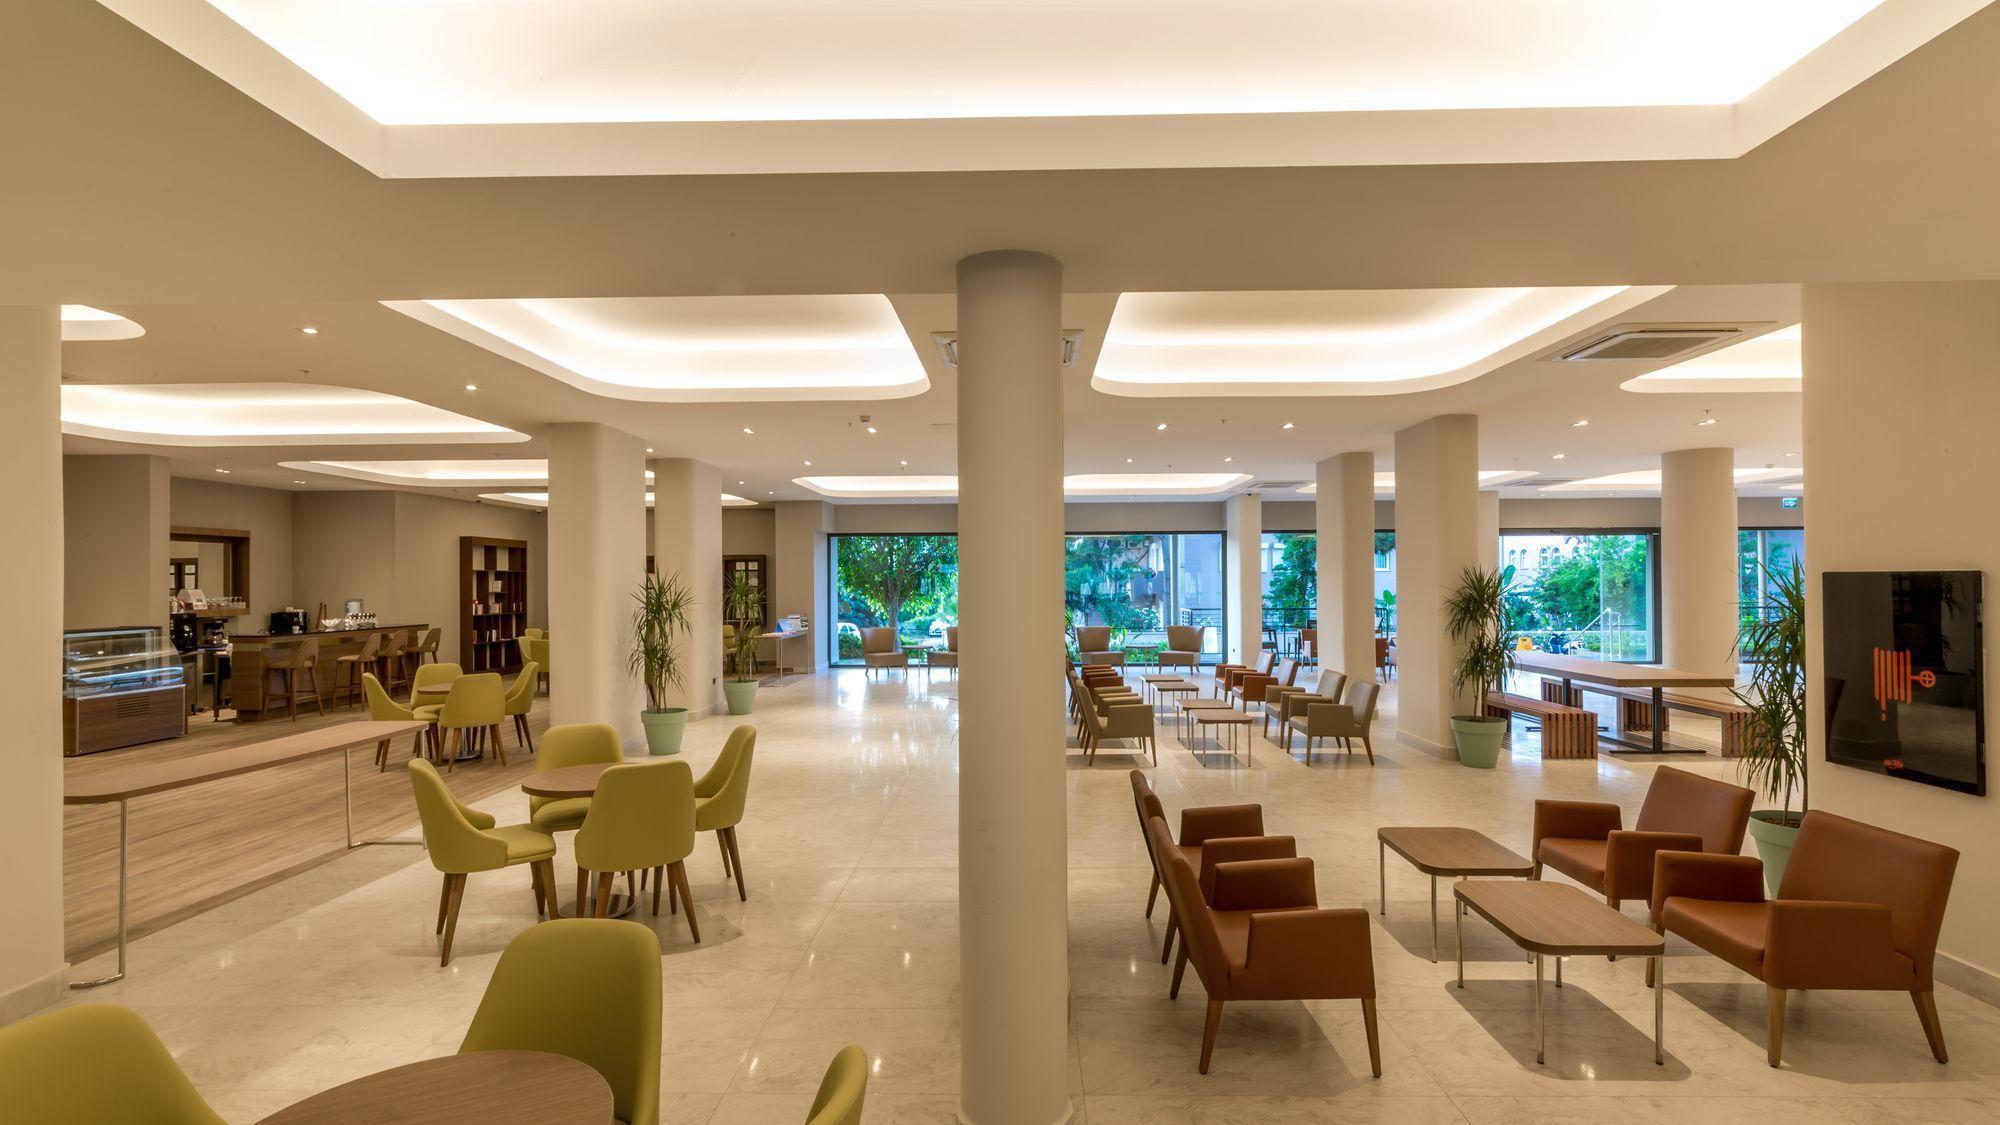 هتل جولیان کلاب مارماریس